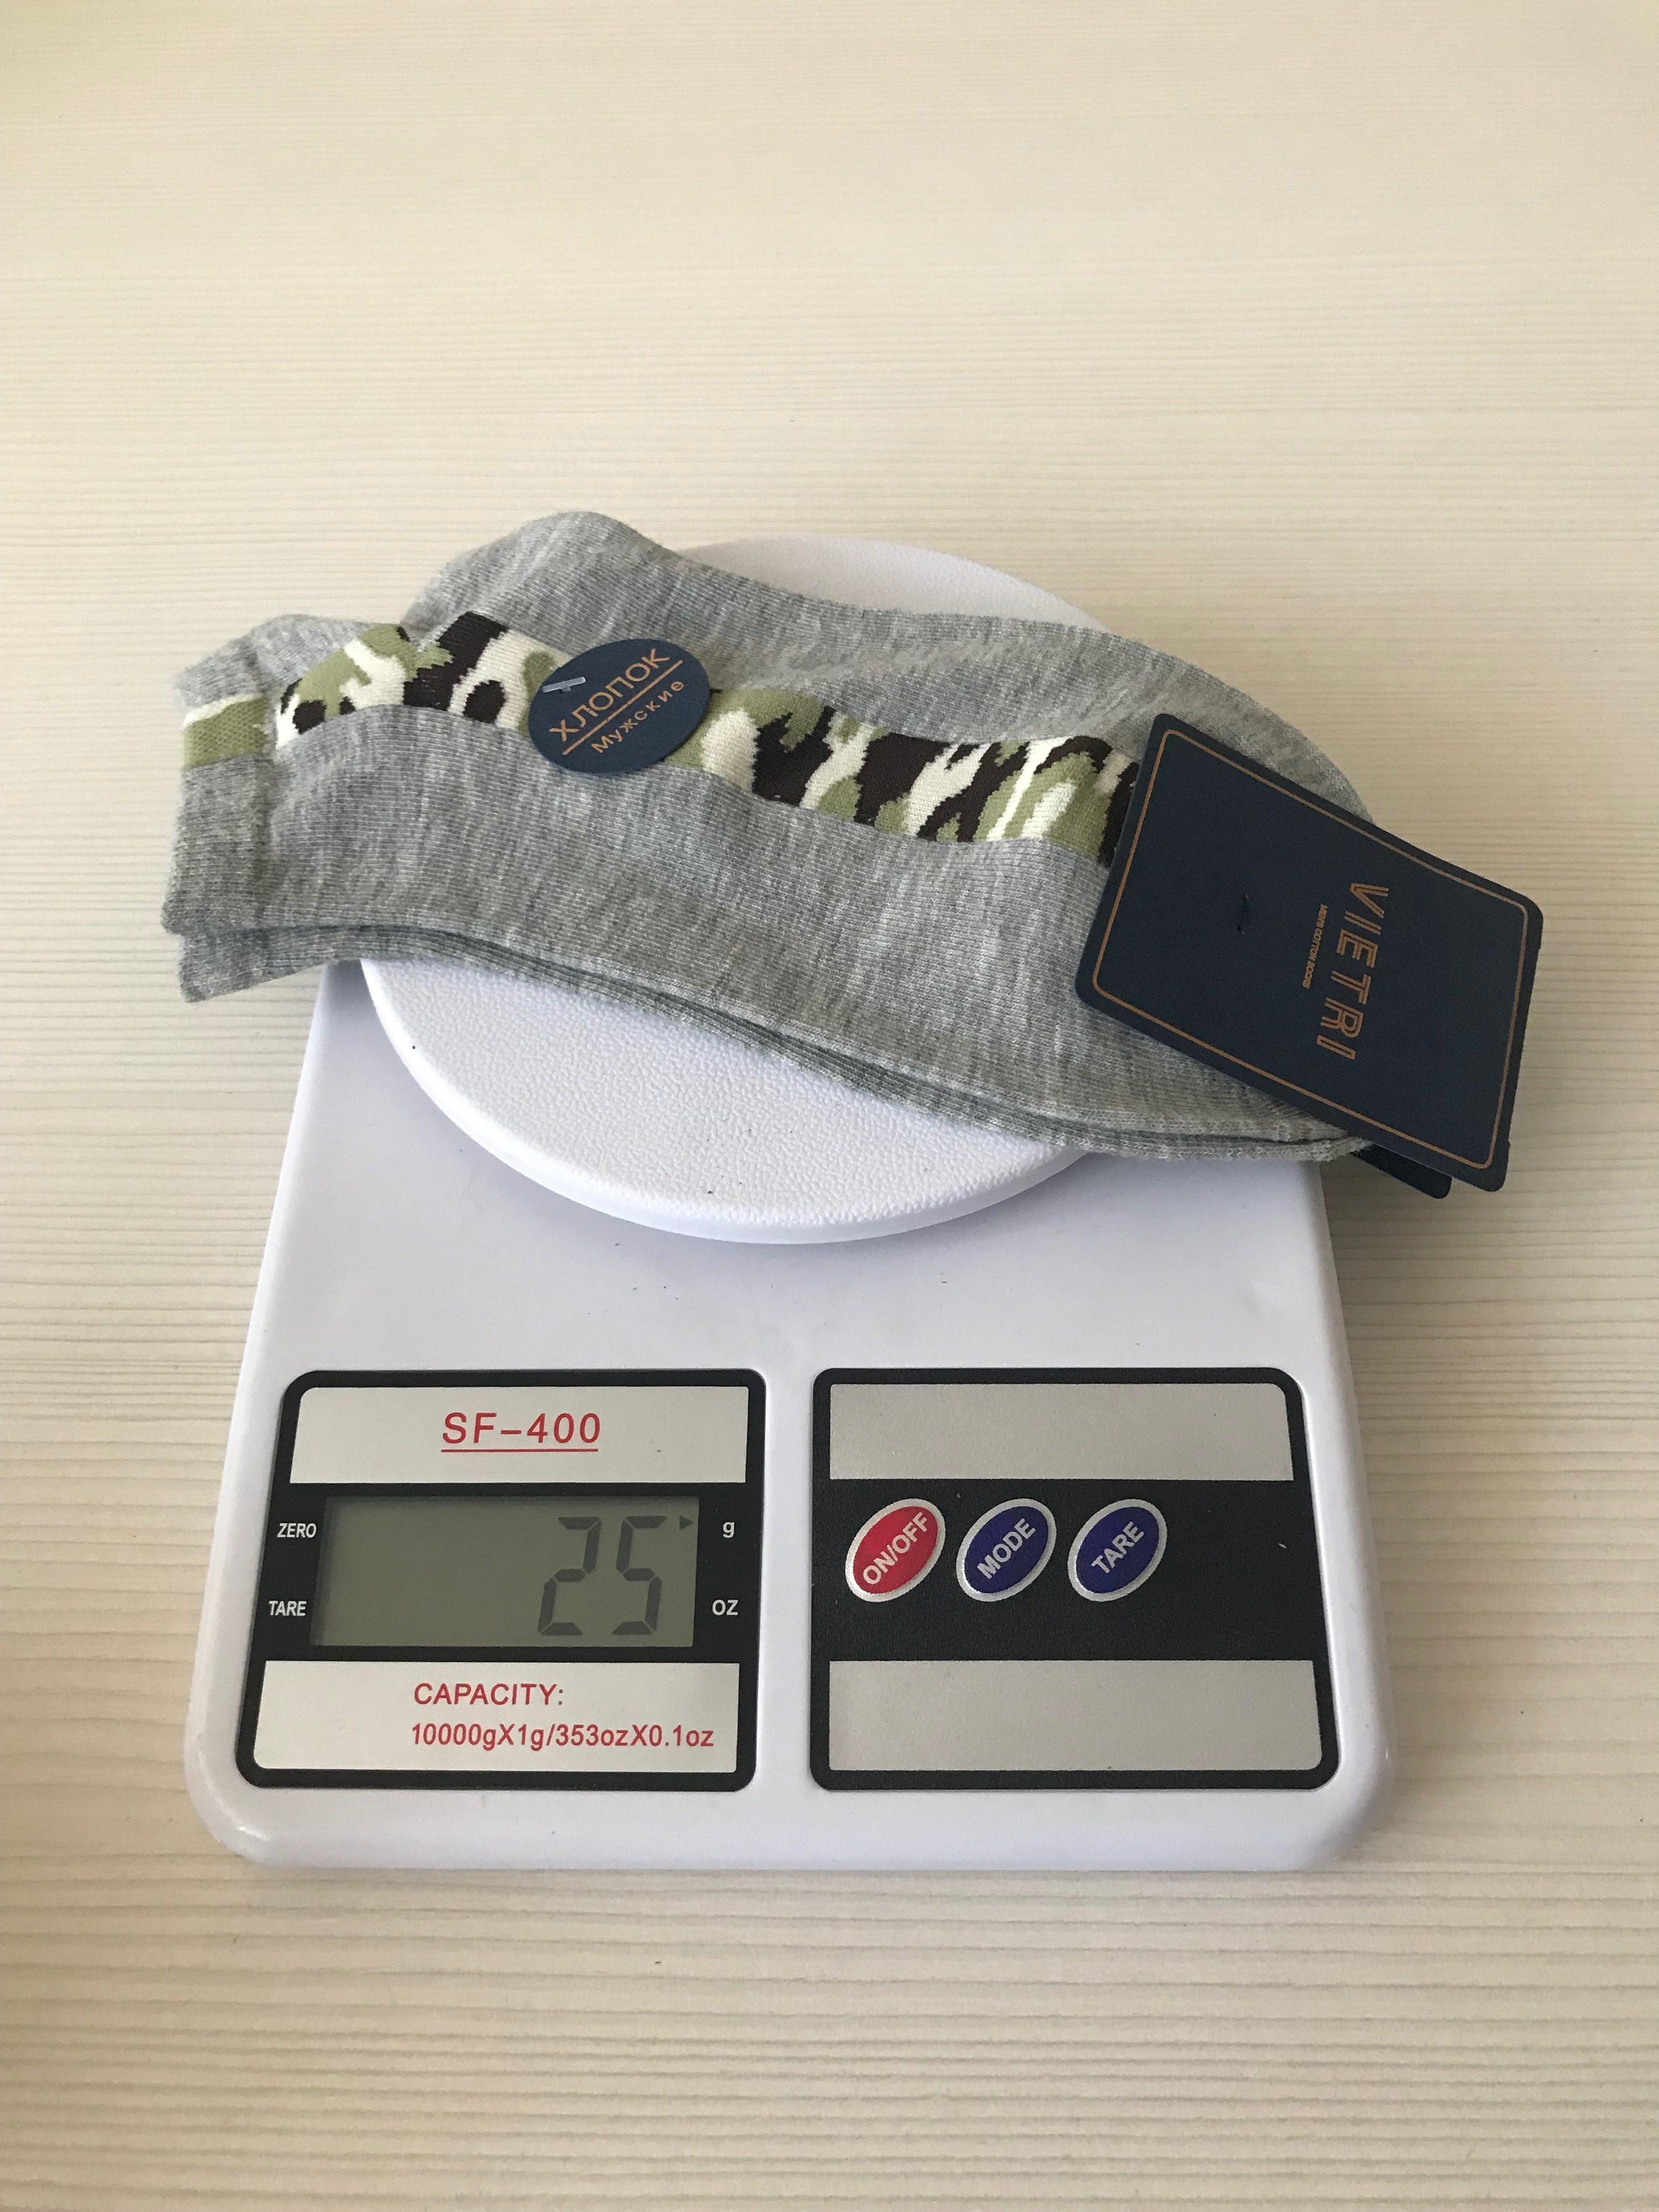 вес пары носков